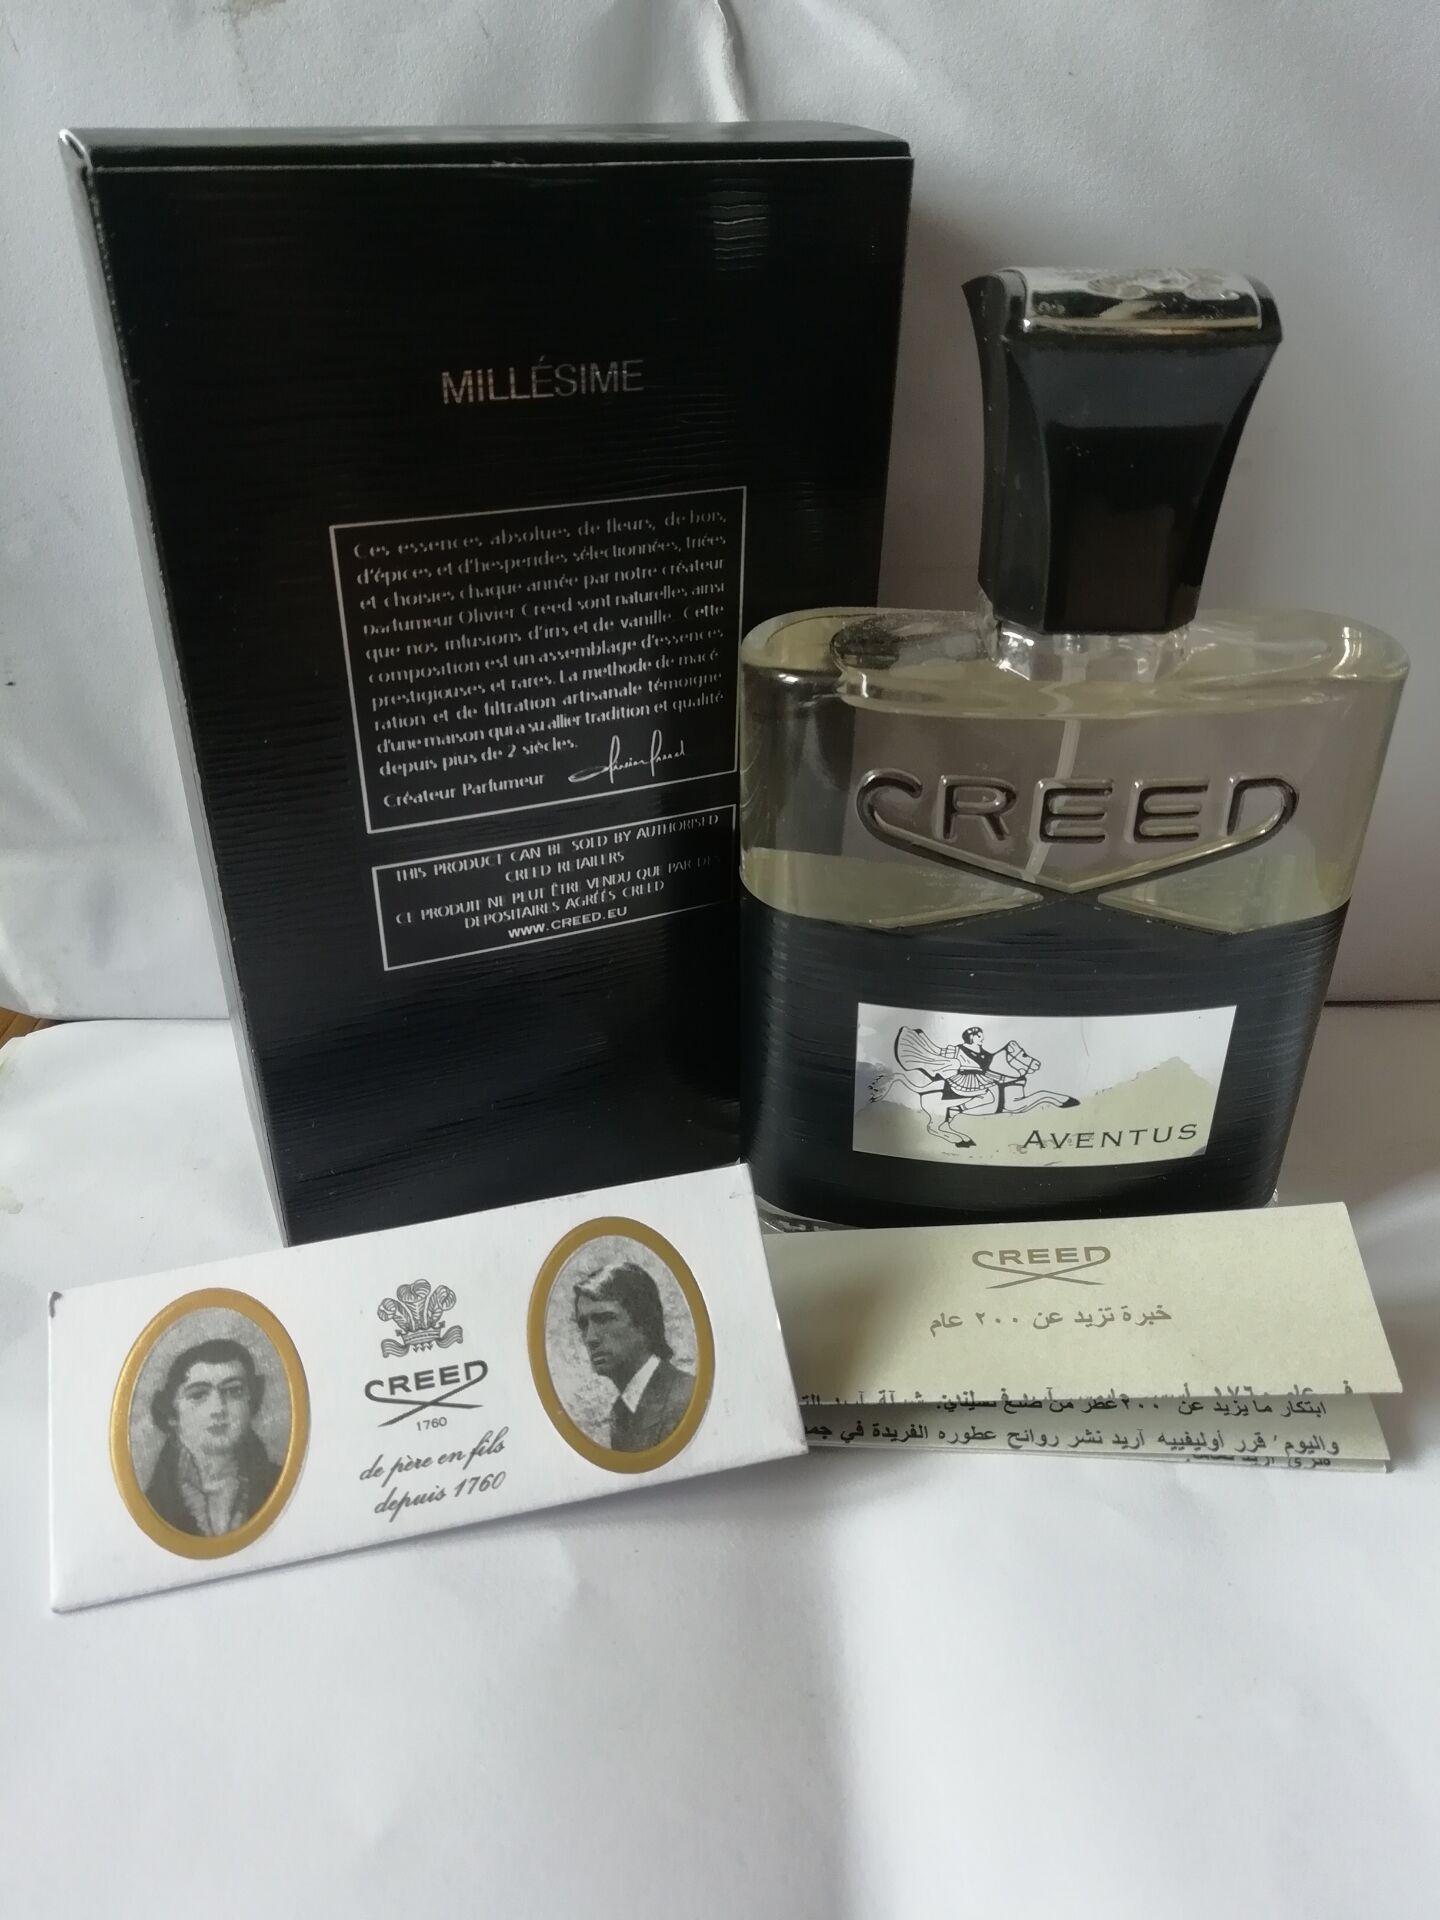 Berühmte Creed Aventus Weihrauch Parfüm für Männer Köln 120ml mit lang anhaltendem guten Geruch gute Qualität Duft Kapazität frei einkaufen